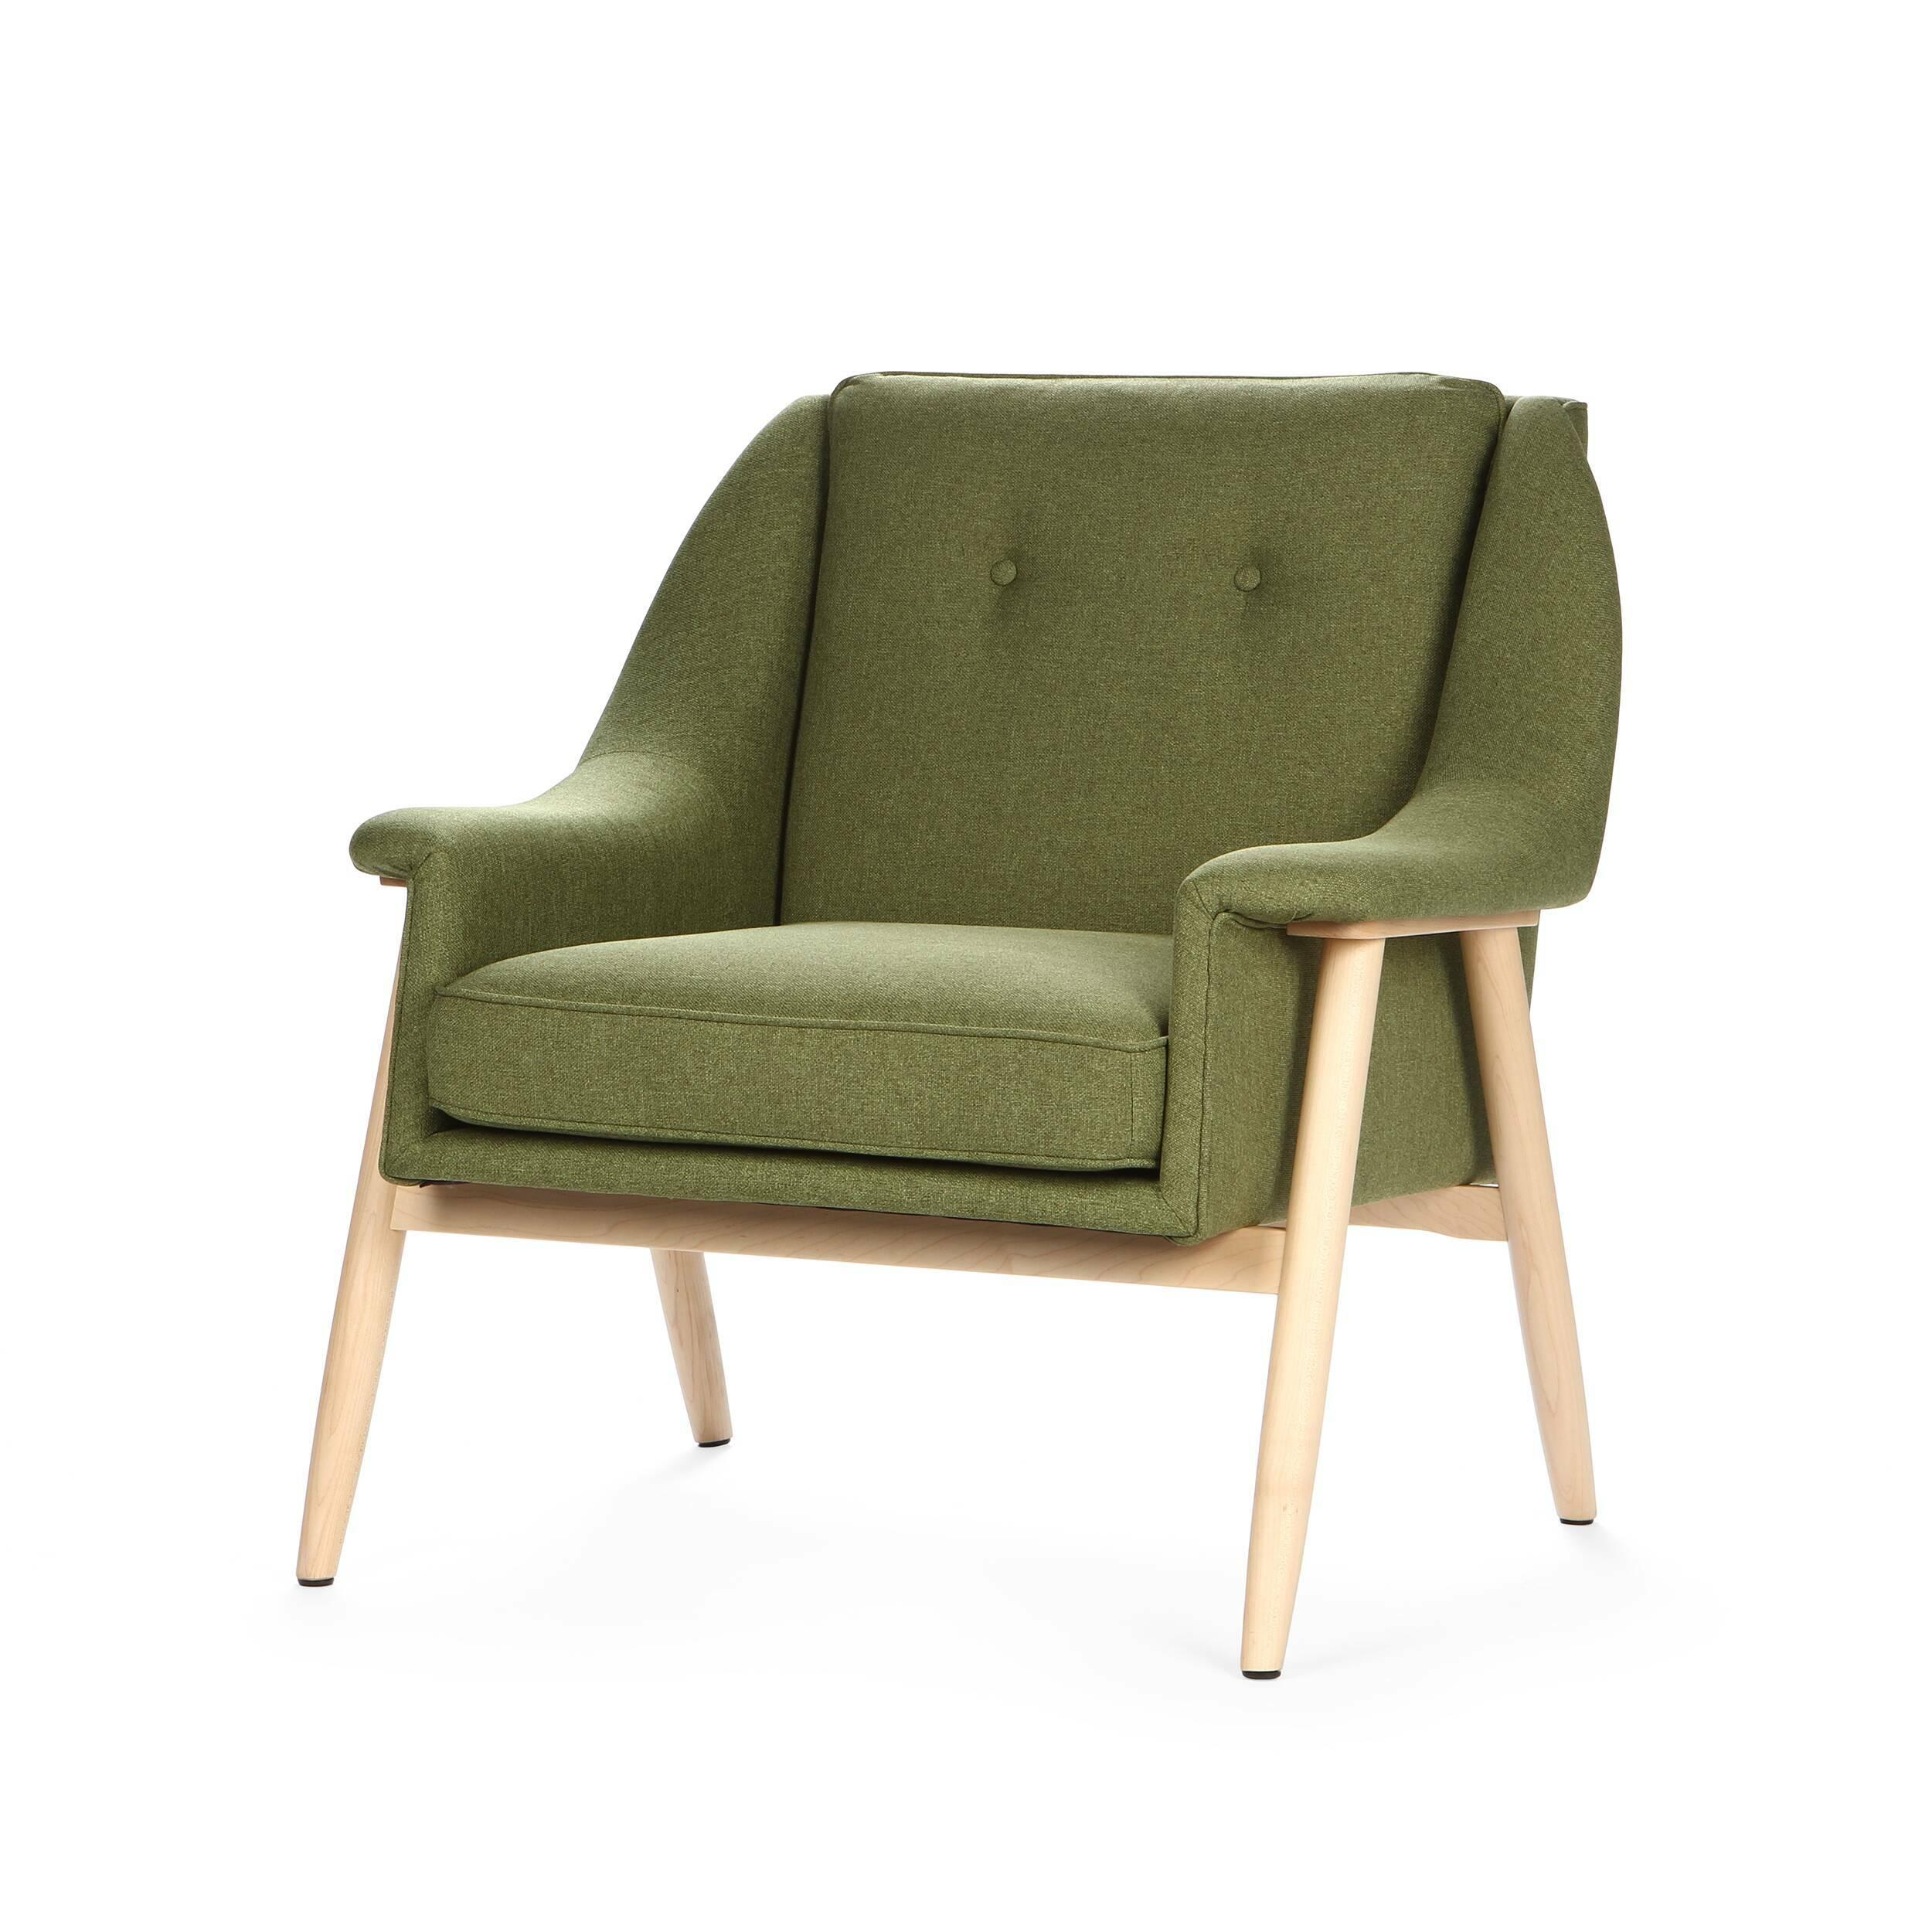 Кресло EdinburgИнтерьерные<br>Дизайнерское широкое комфортное кресло Edinburg (Эденбёрг) на деревянных ножках от Cosmo (Космо).<br><br><br> Кресло для отдыха с подлокотниками с простым и современным дизайном.<br><br><br> Кресло Edinburg первоначально было разработано в 1954 году. Настоящий датский шедевр ручной работы. Это одна из многих работ Финна Юля, датского дизайнера, новатора своего времени, предназначенная для массового производства. <br><br><br>Оригинальное кресло Edinburg построено по органическим лекалам, в которые идеально ...<br><br>stock: 5<br>Высота: 81<br>Высота сиденья: 43<br>Ширина: 82<br>Глубина: 82,5<br>Материал каркаса: Массив дуба<br>Материал обивки: Полиэстер<br>Тип материала каркаса: Дерево<br>Коллекция ткани: Gabriel Fabric<br>Тип материала обивки: Ткань<br>Цвет обивки: Оливковый<br>Цвет каркаса: Светло-коричневый